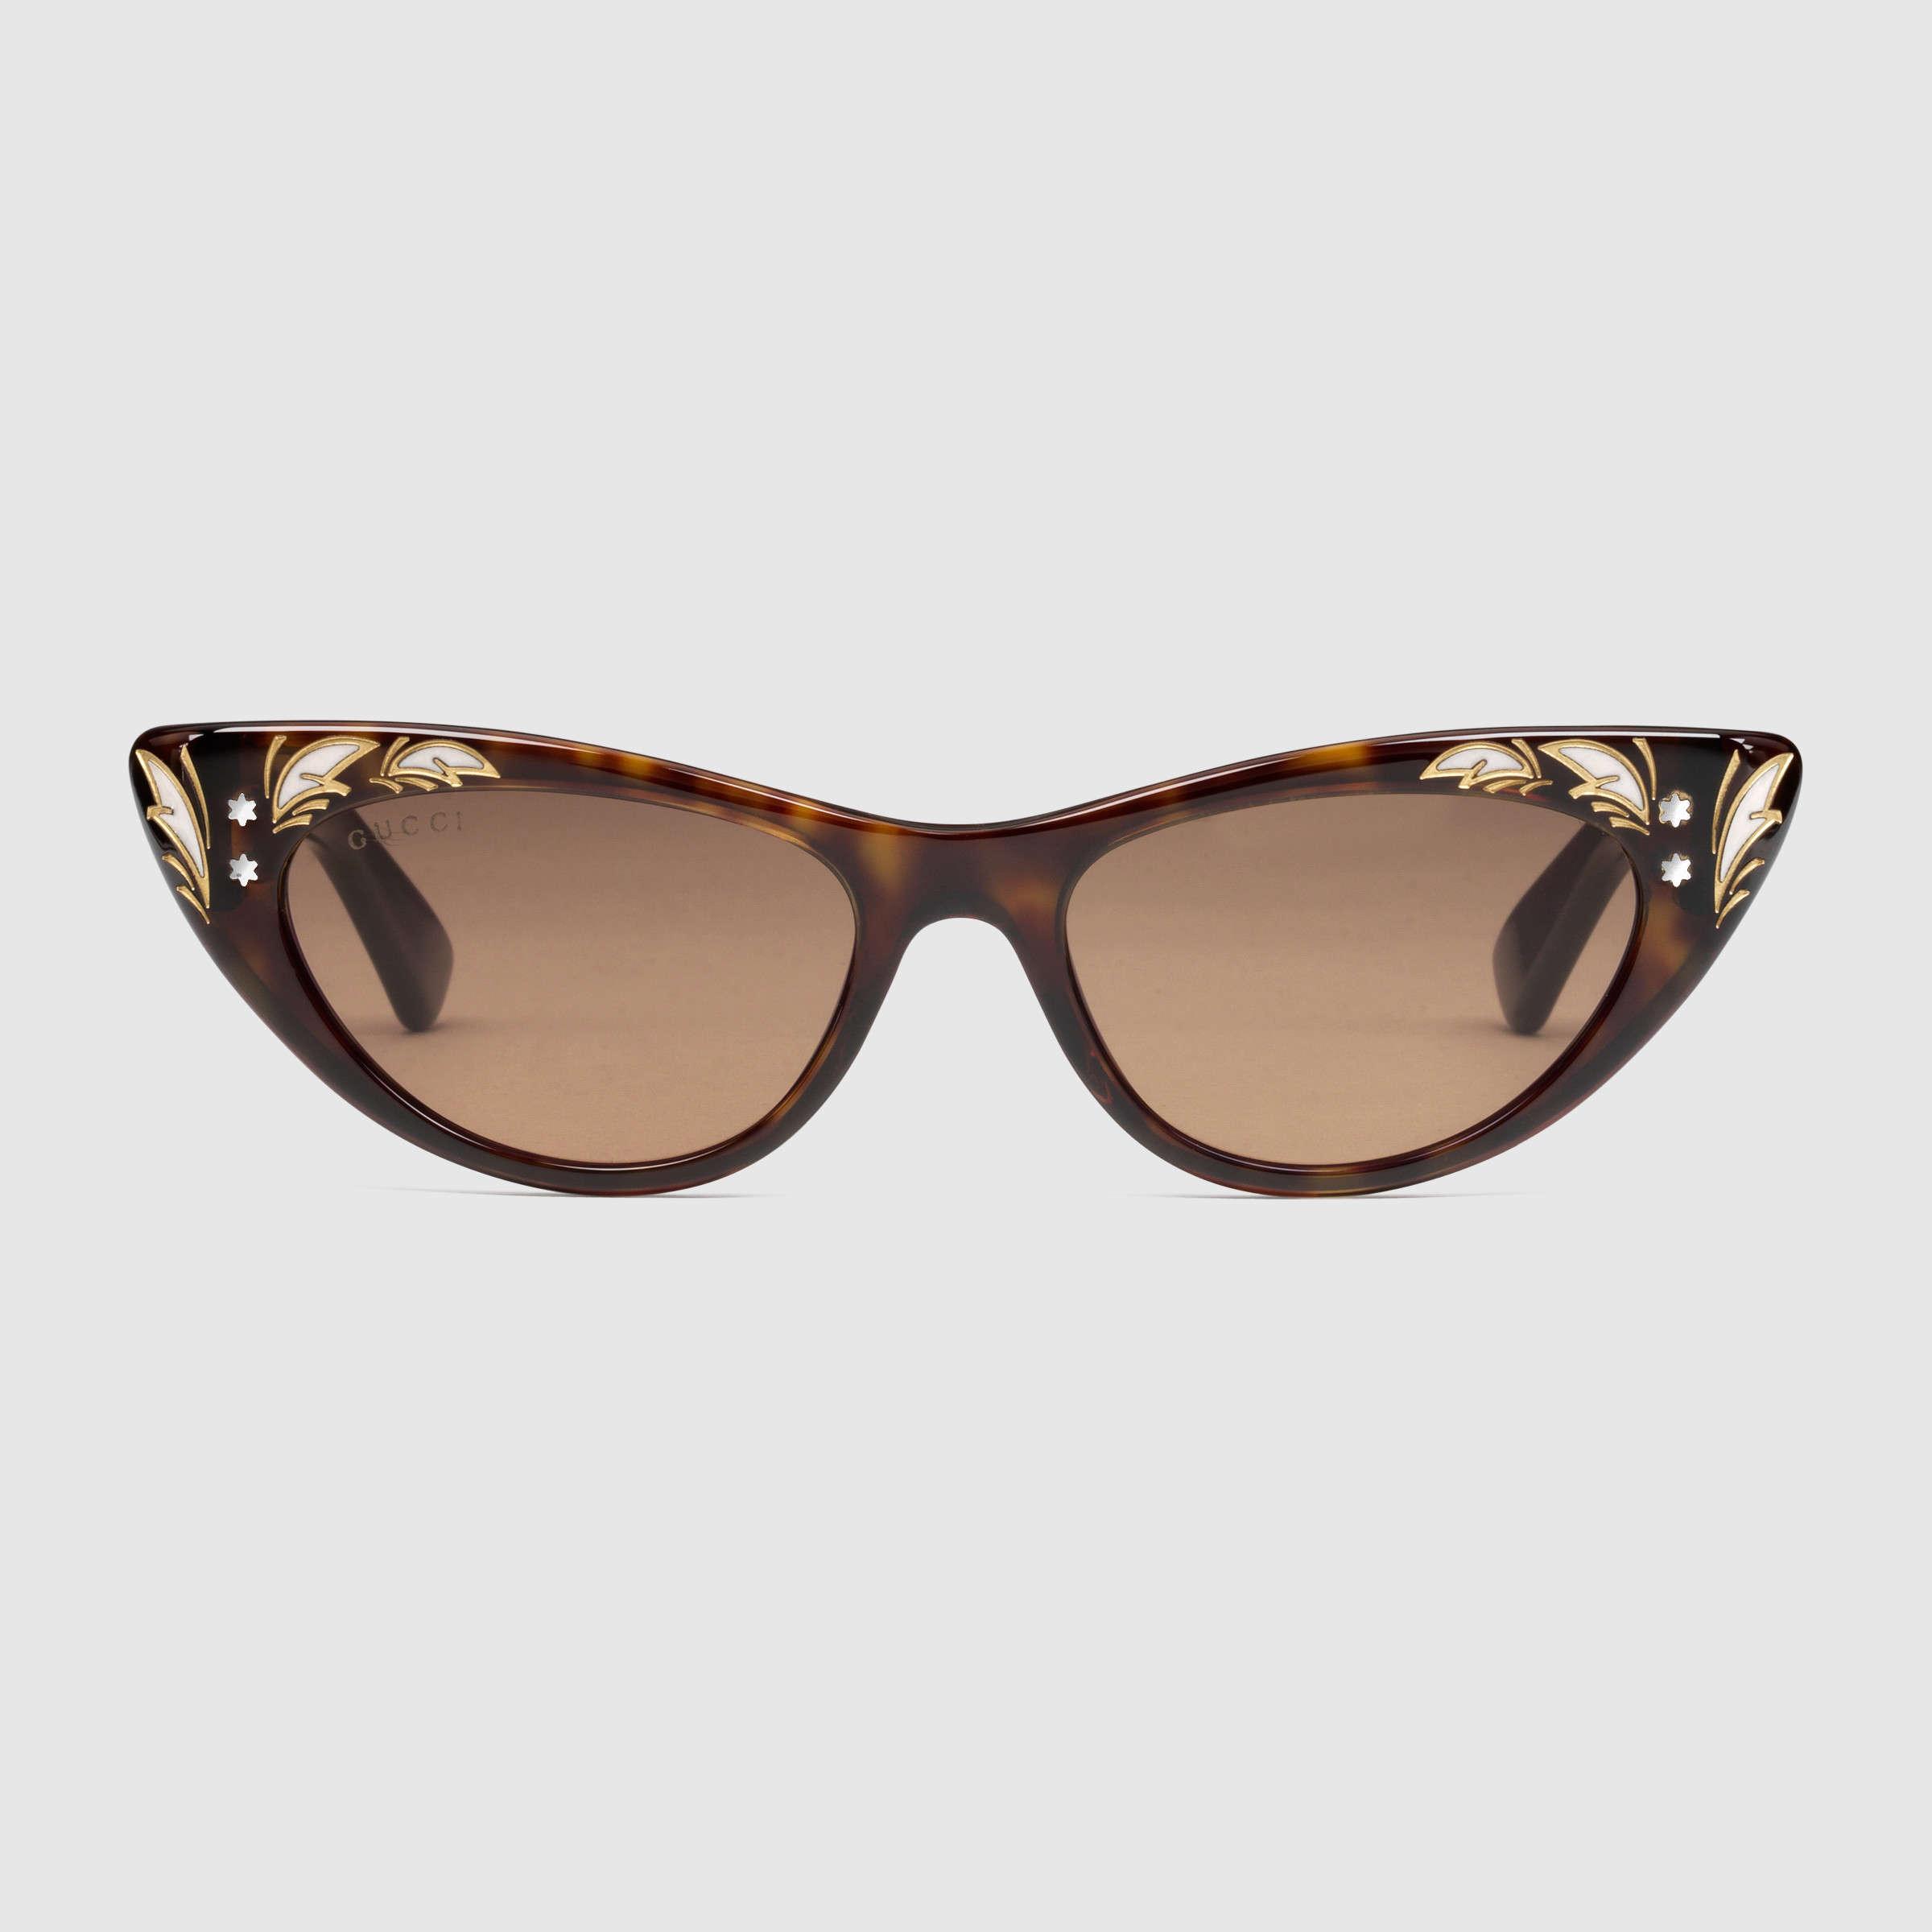 45a8cba2e8070 Gucci Cat Eye Sunglasses in Brown - Lyst